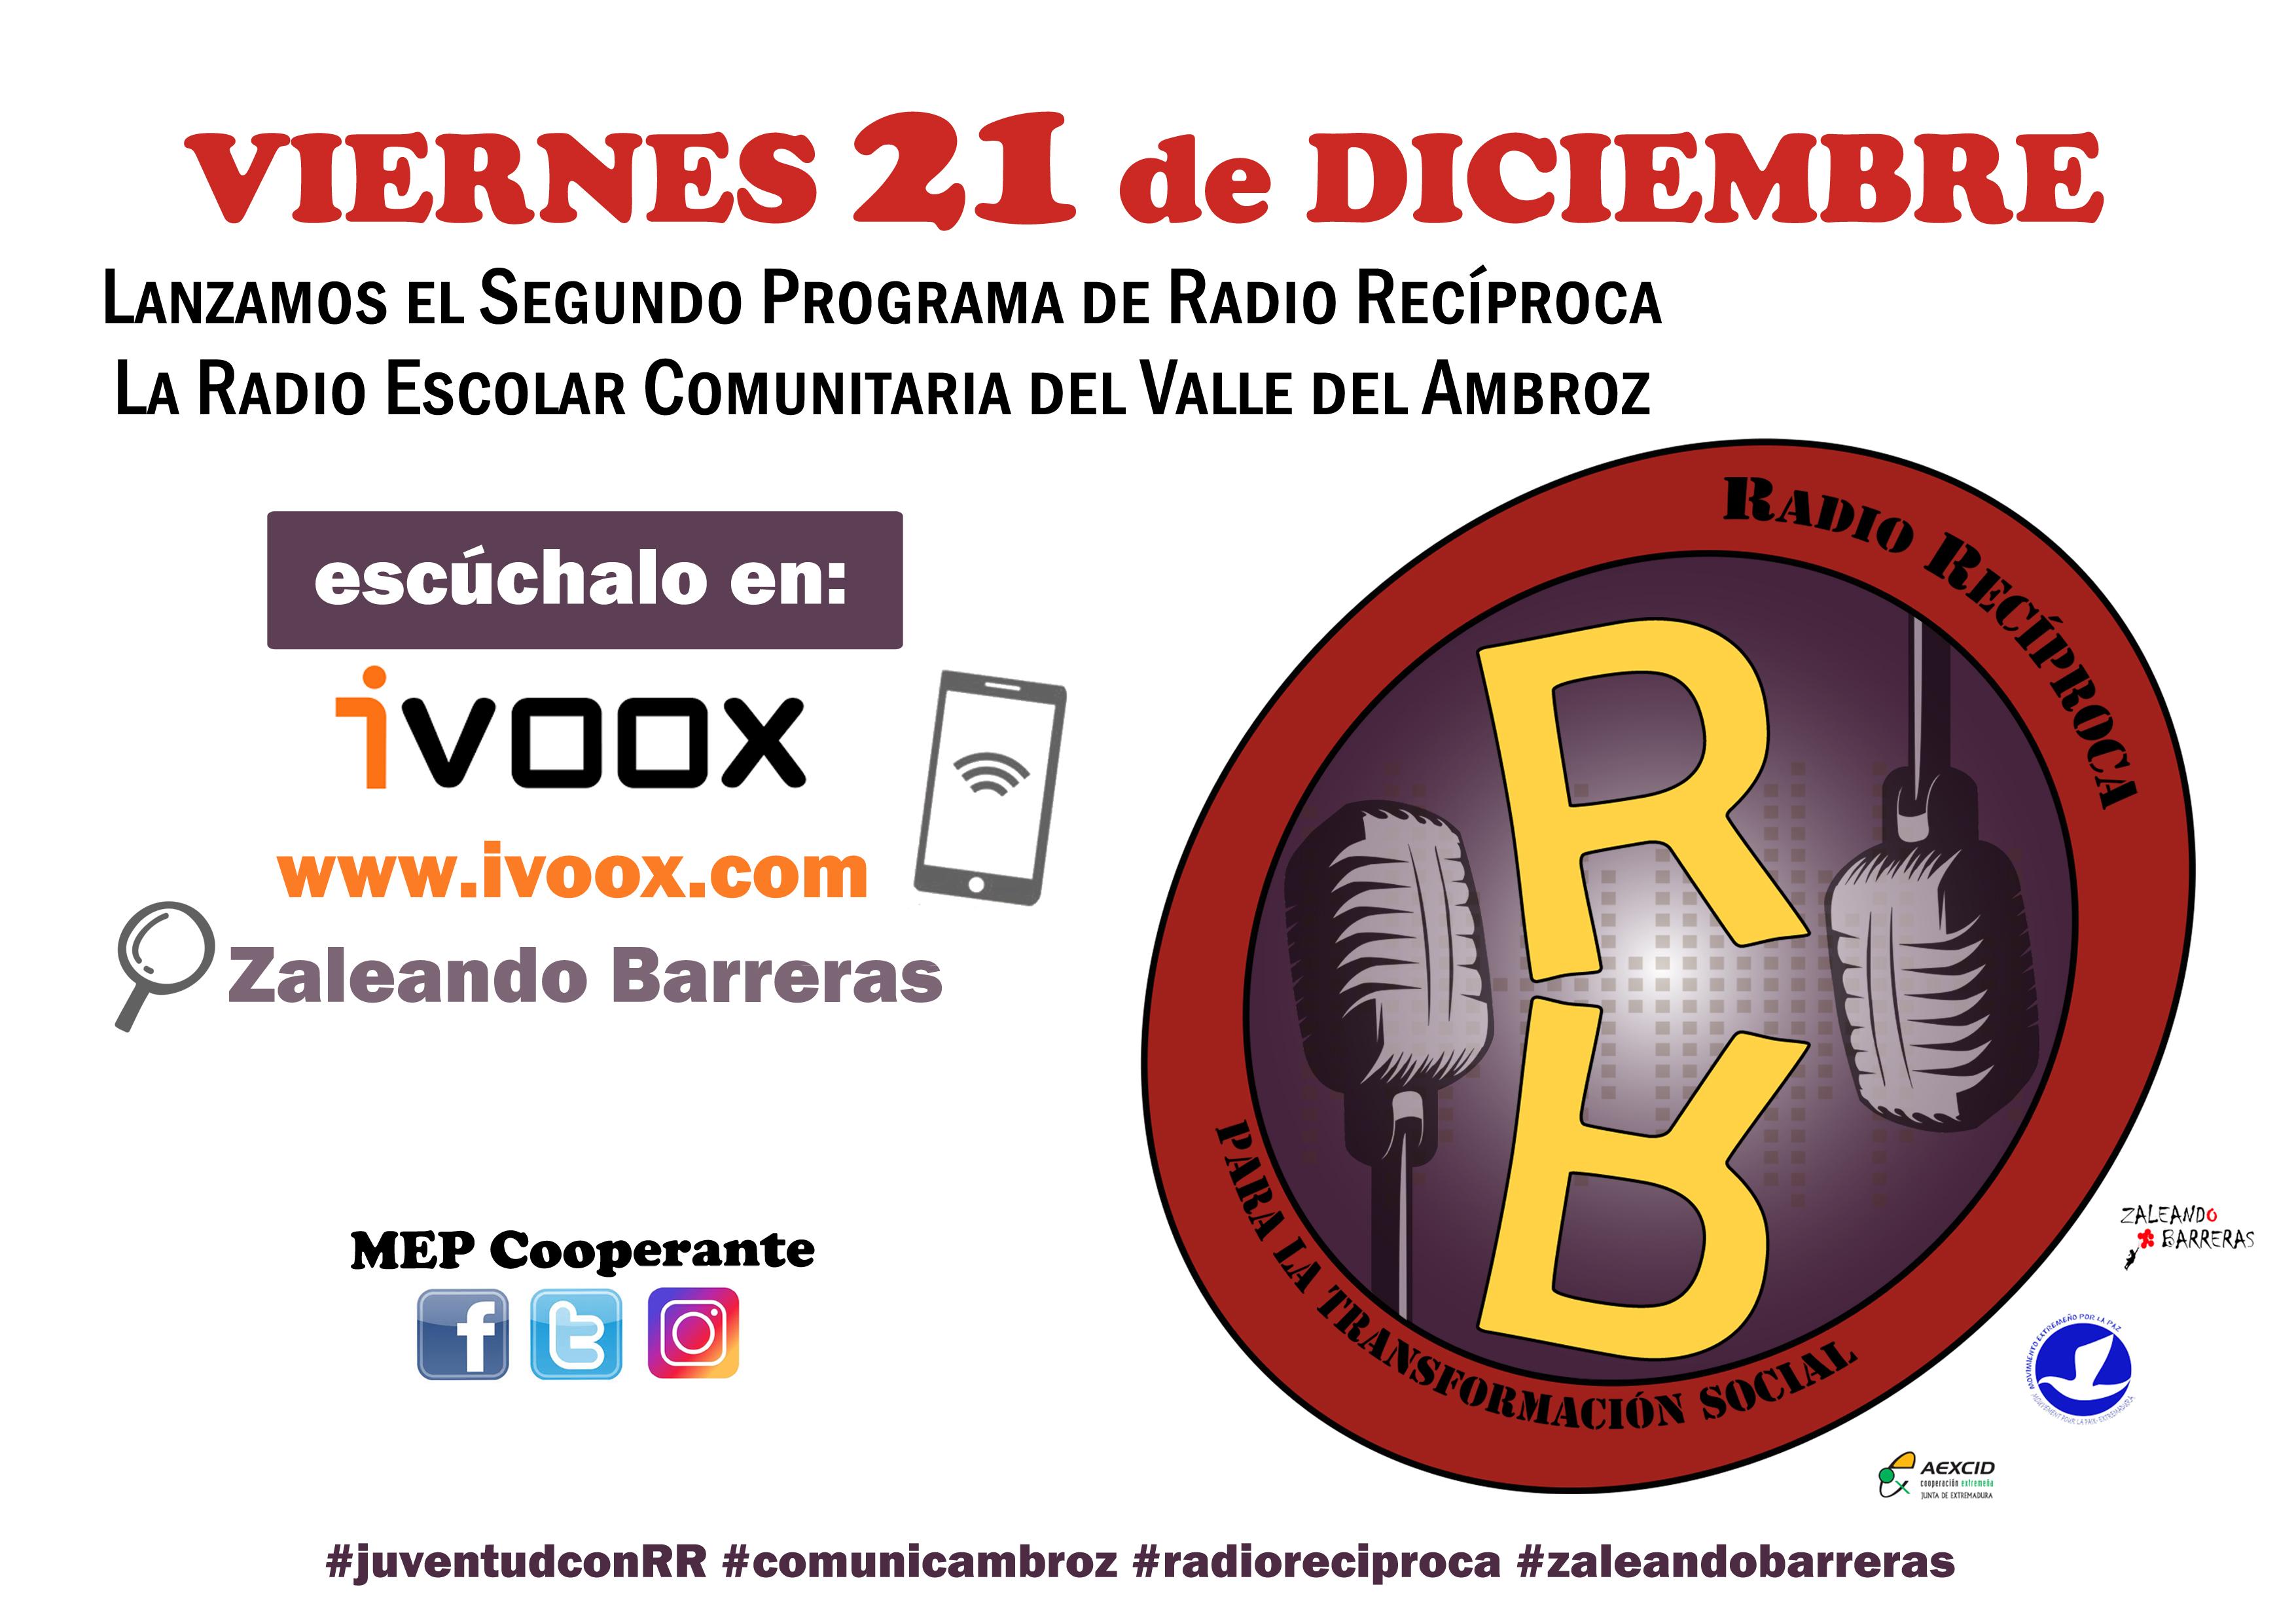 2º PROGRAMA de RADIO RECÍPROCA  Viernes 21 de Diciembre